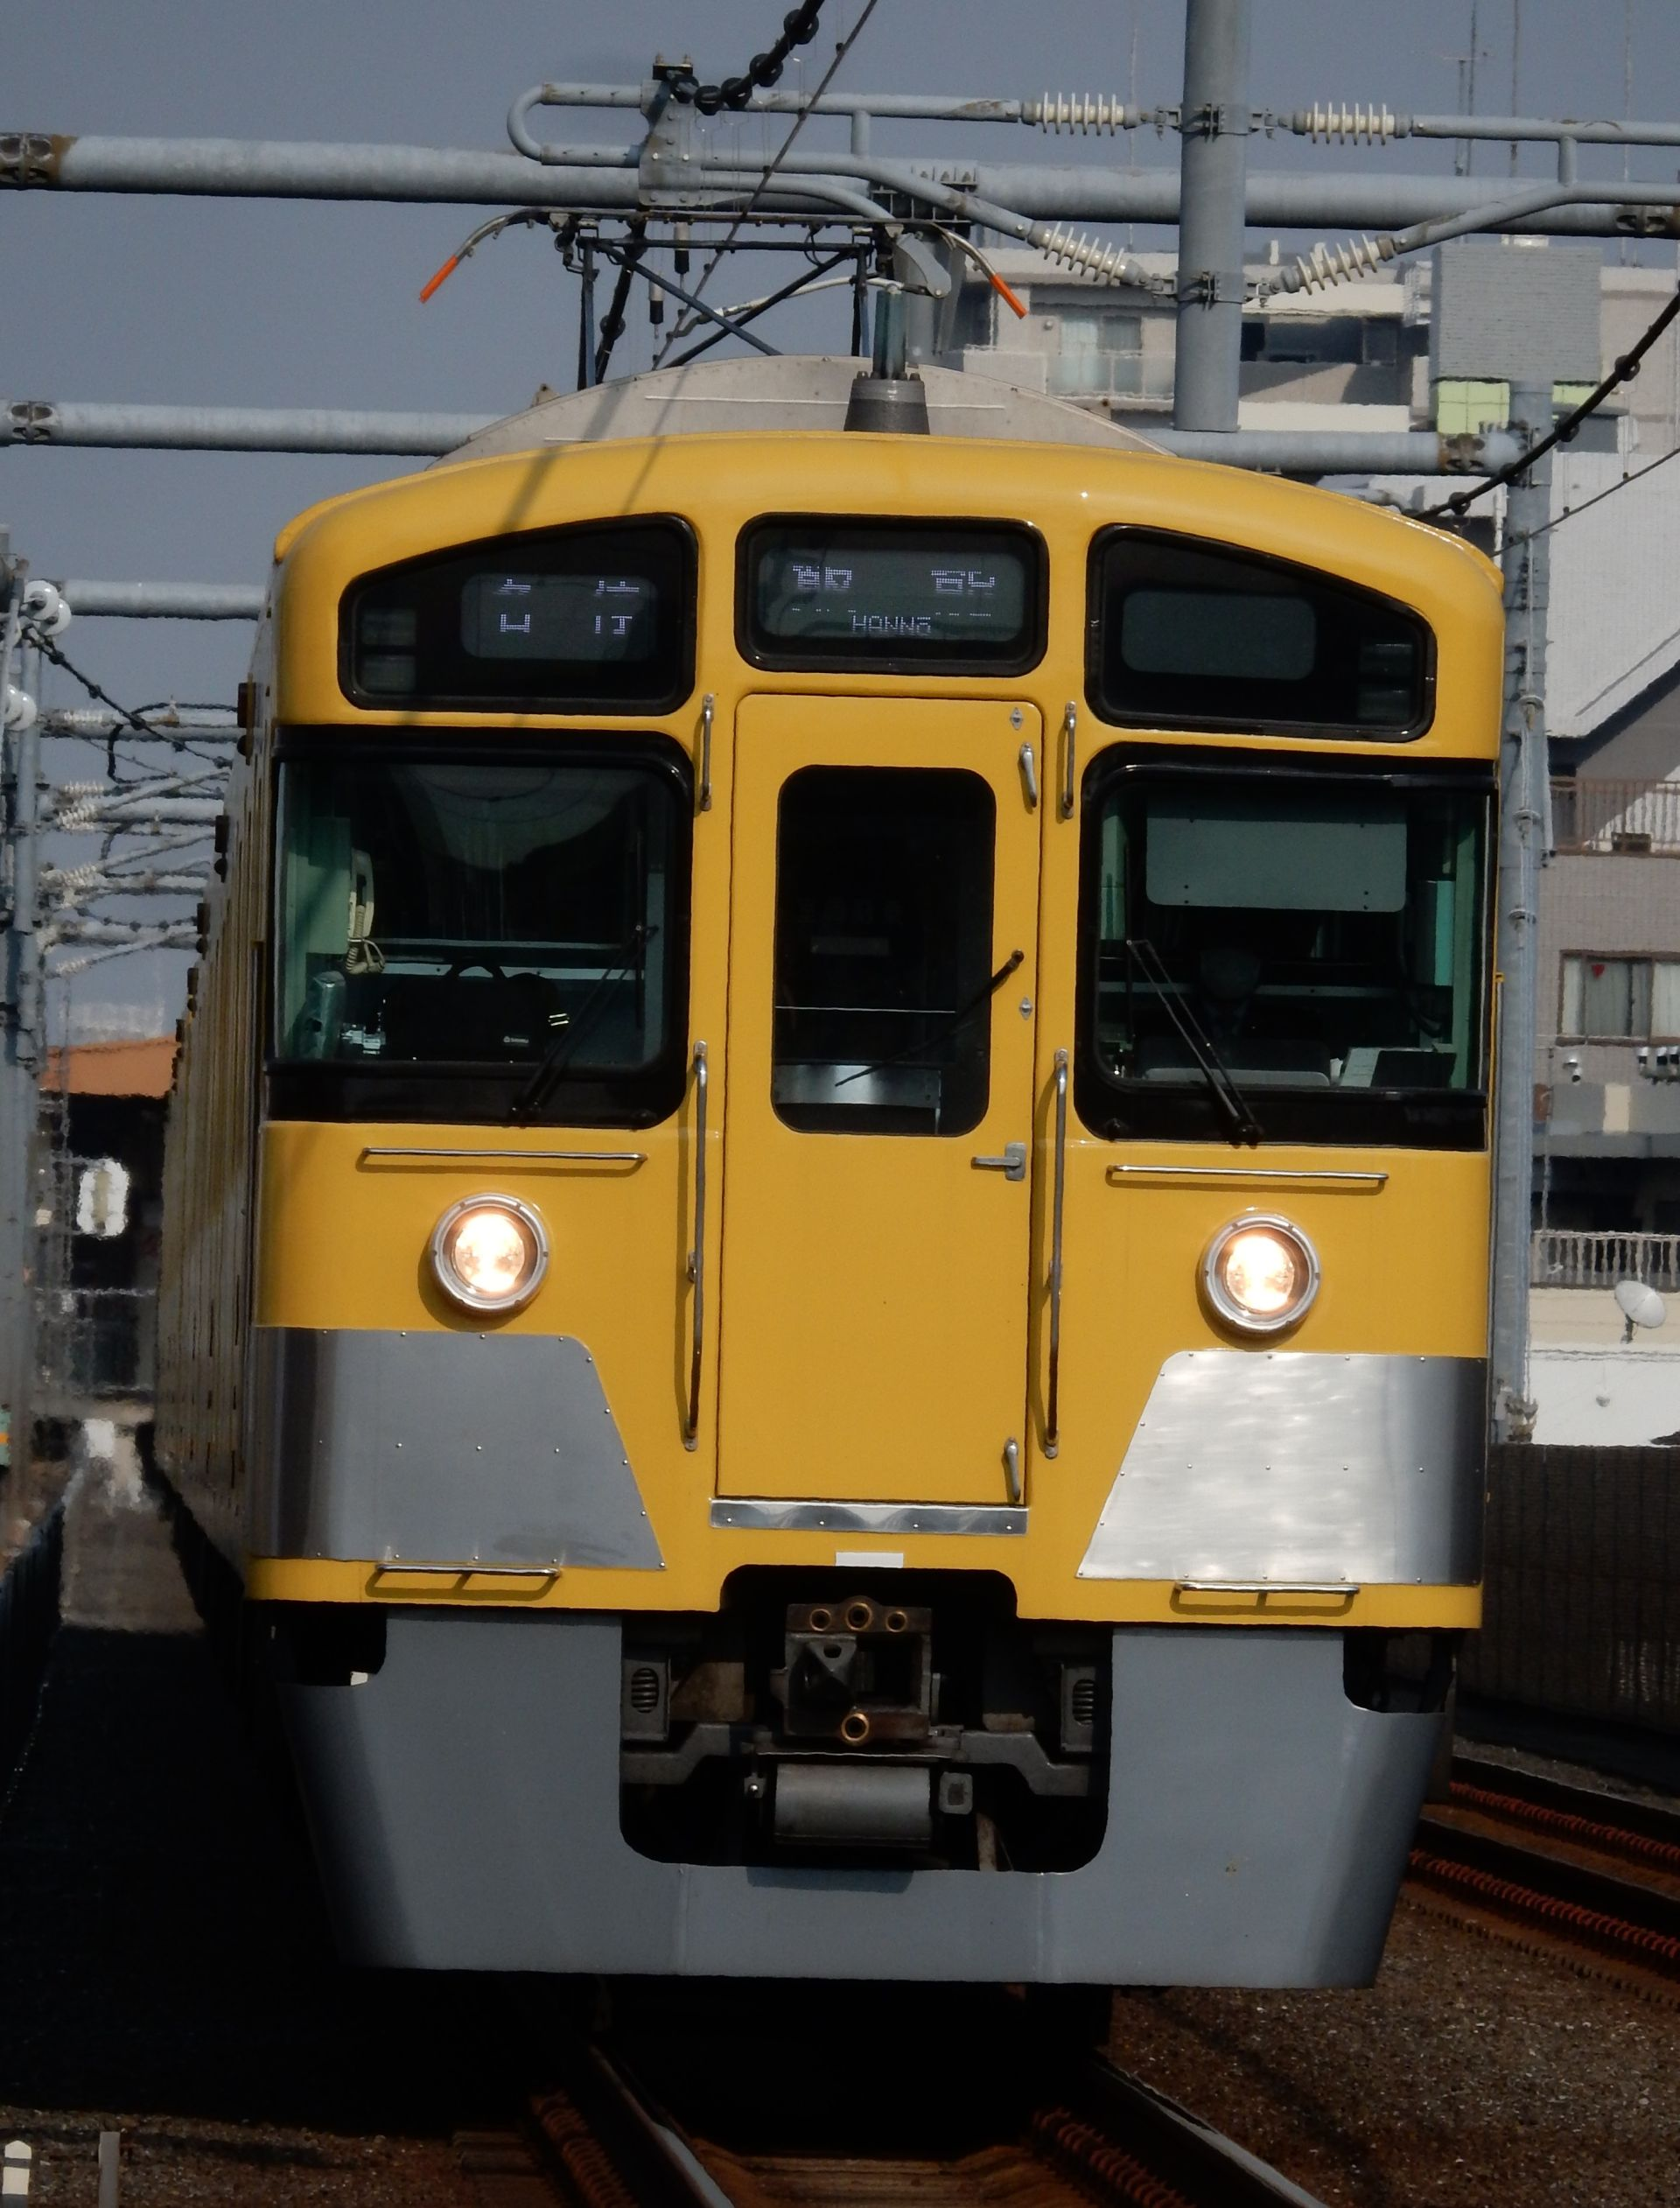 DSCN5795 - コピー